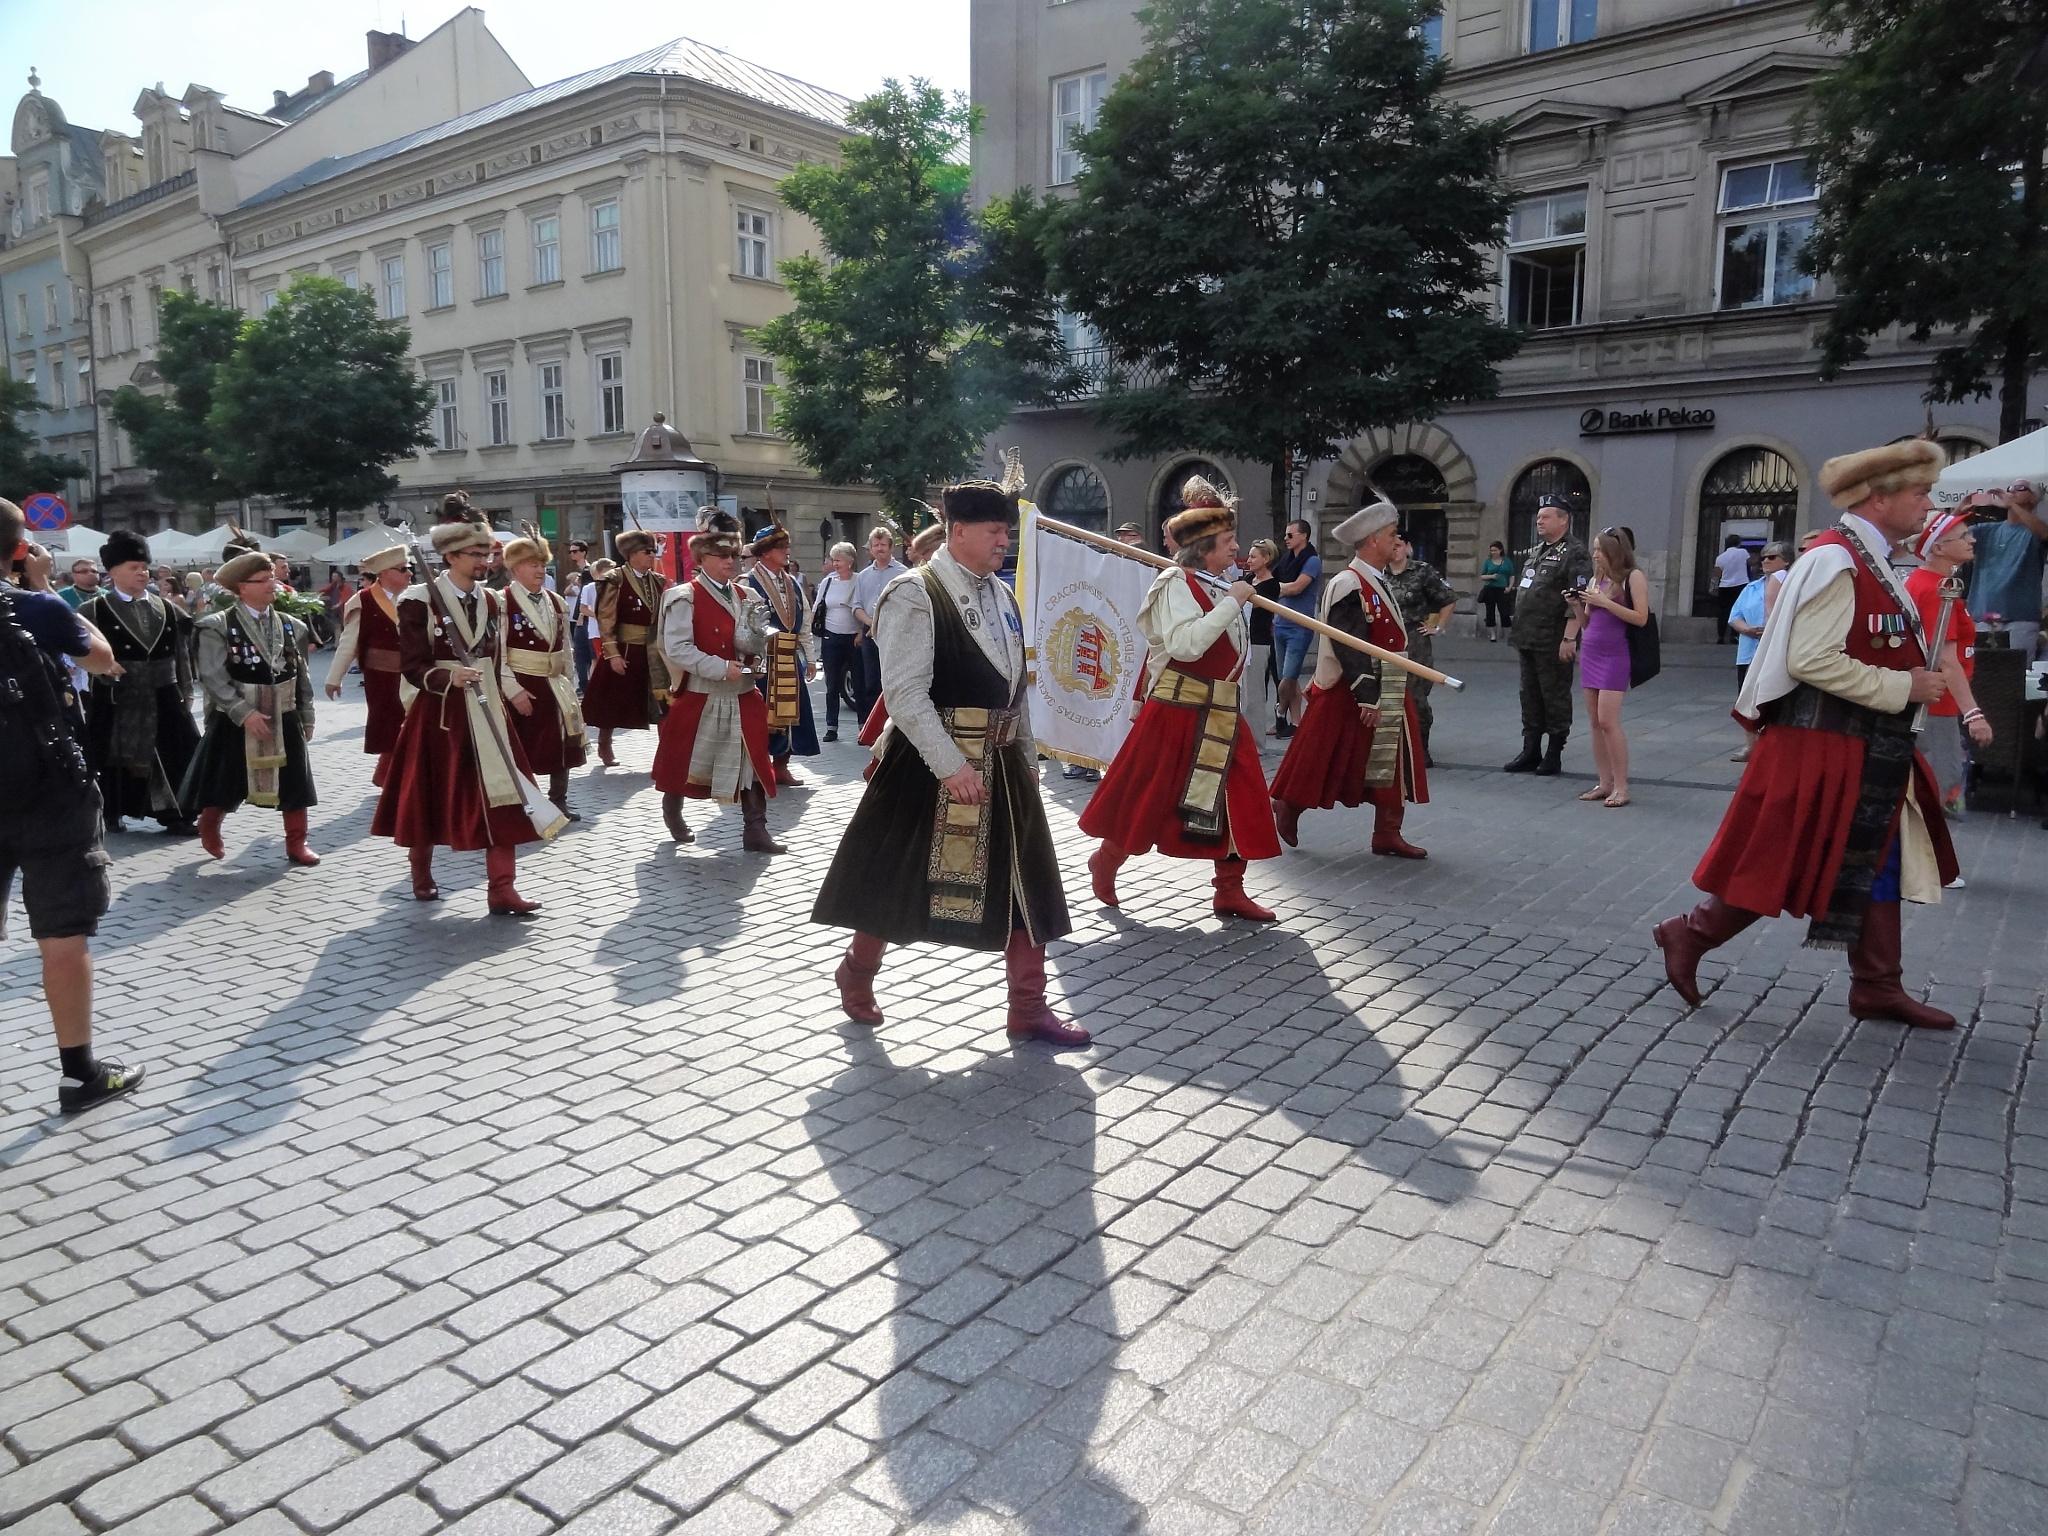 Celebration by Vladimir C Rylski